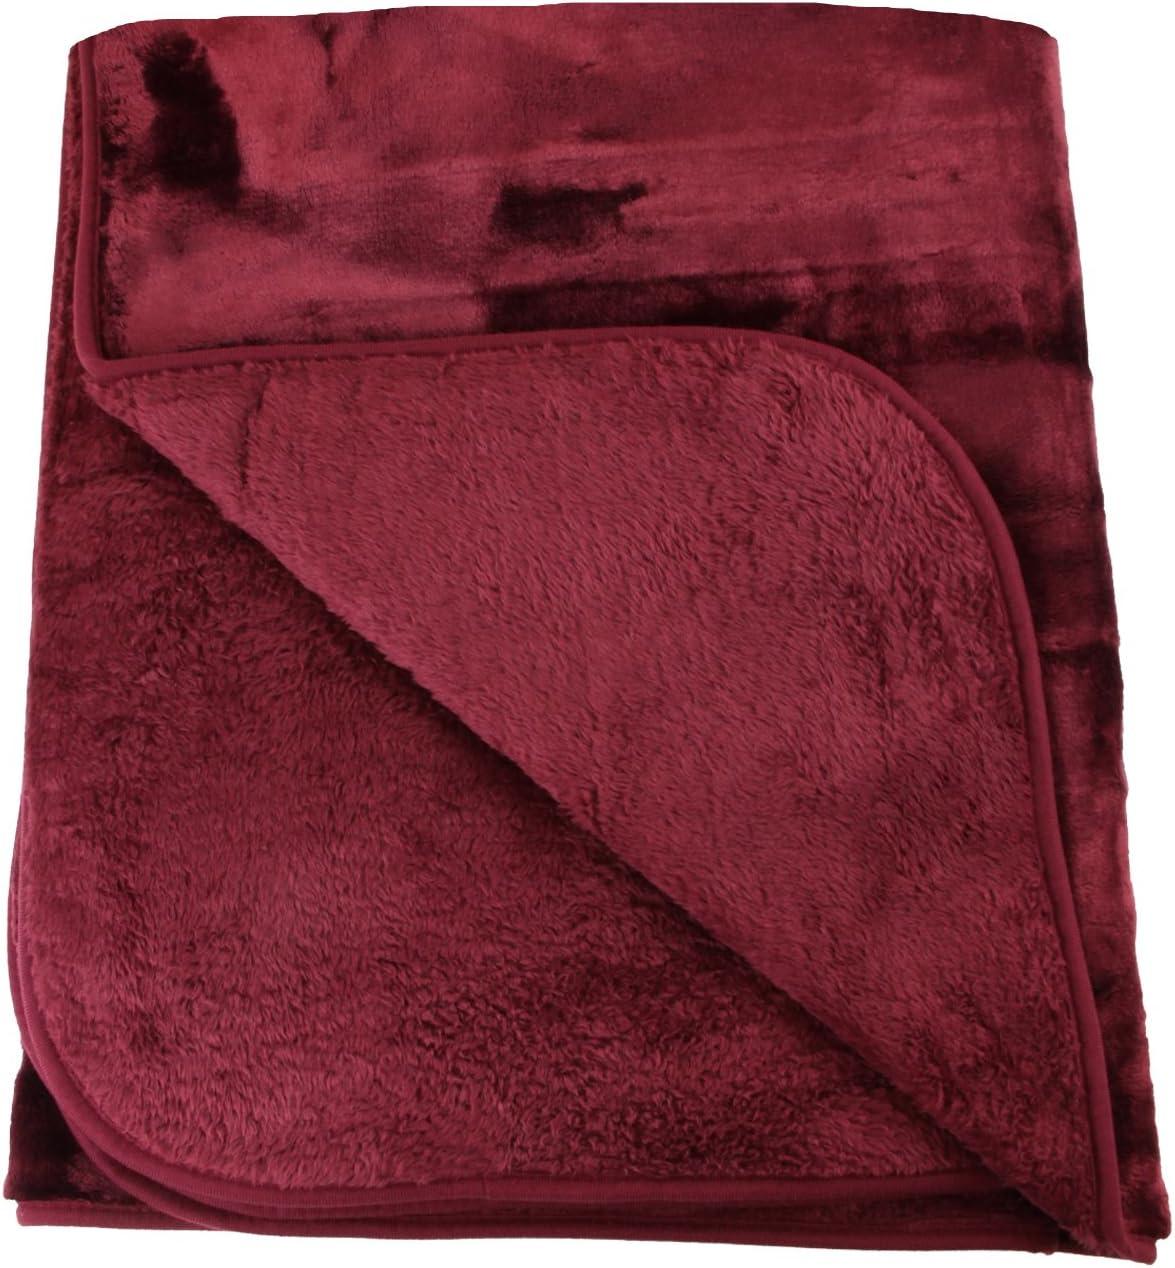 Amago Manta de sofá, Sensación de Cachemira, Rojo Burdeos, 130 x 170 cm, 40024-33-1317